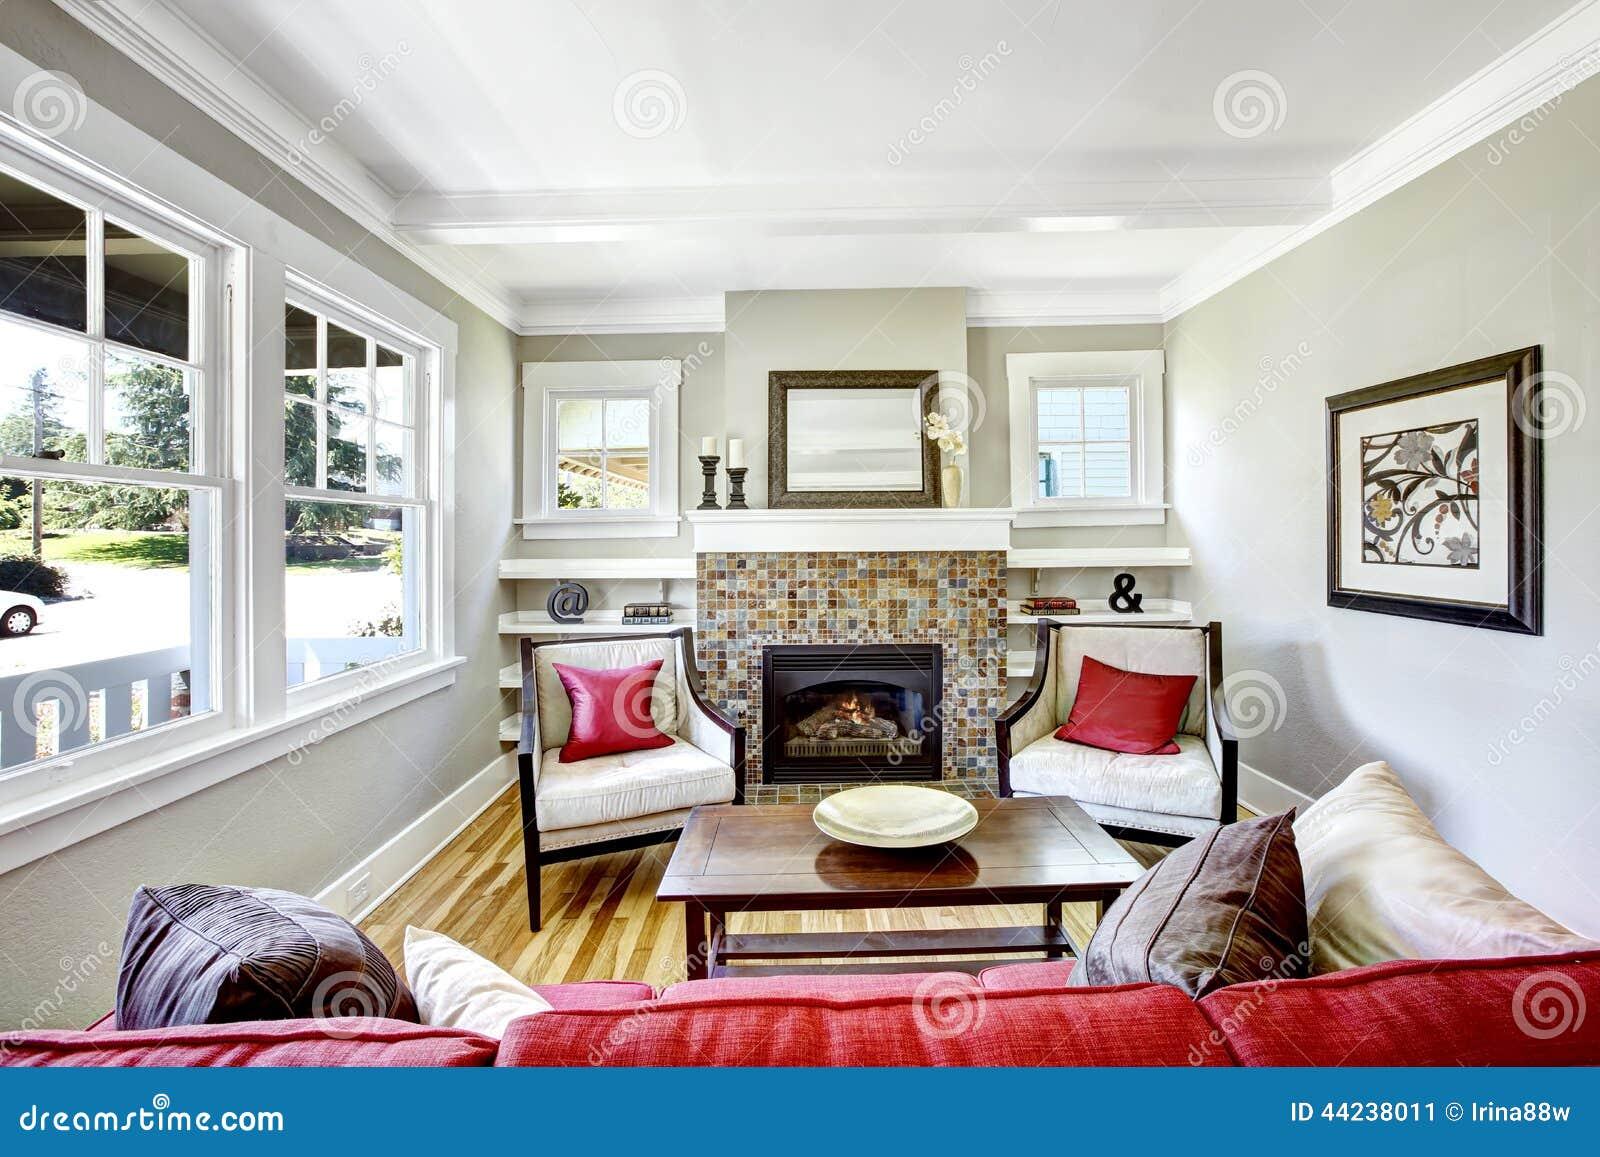 Gemutliches Kleines Wohnzimmer Mit Kamin Stockbild Bild Von Kissen